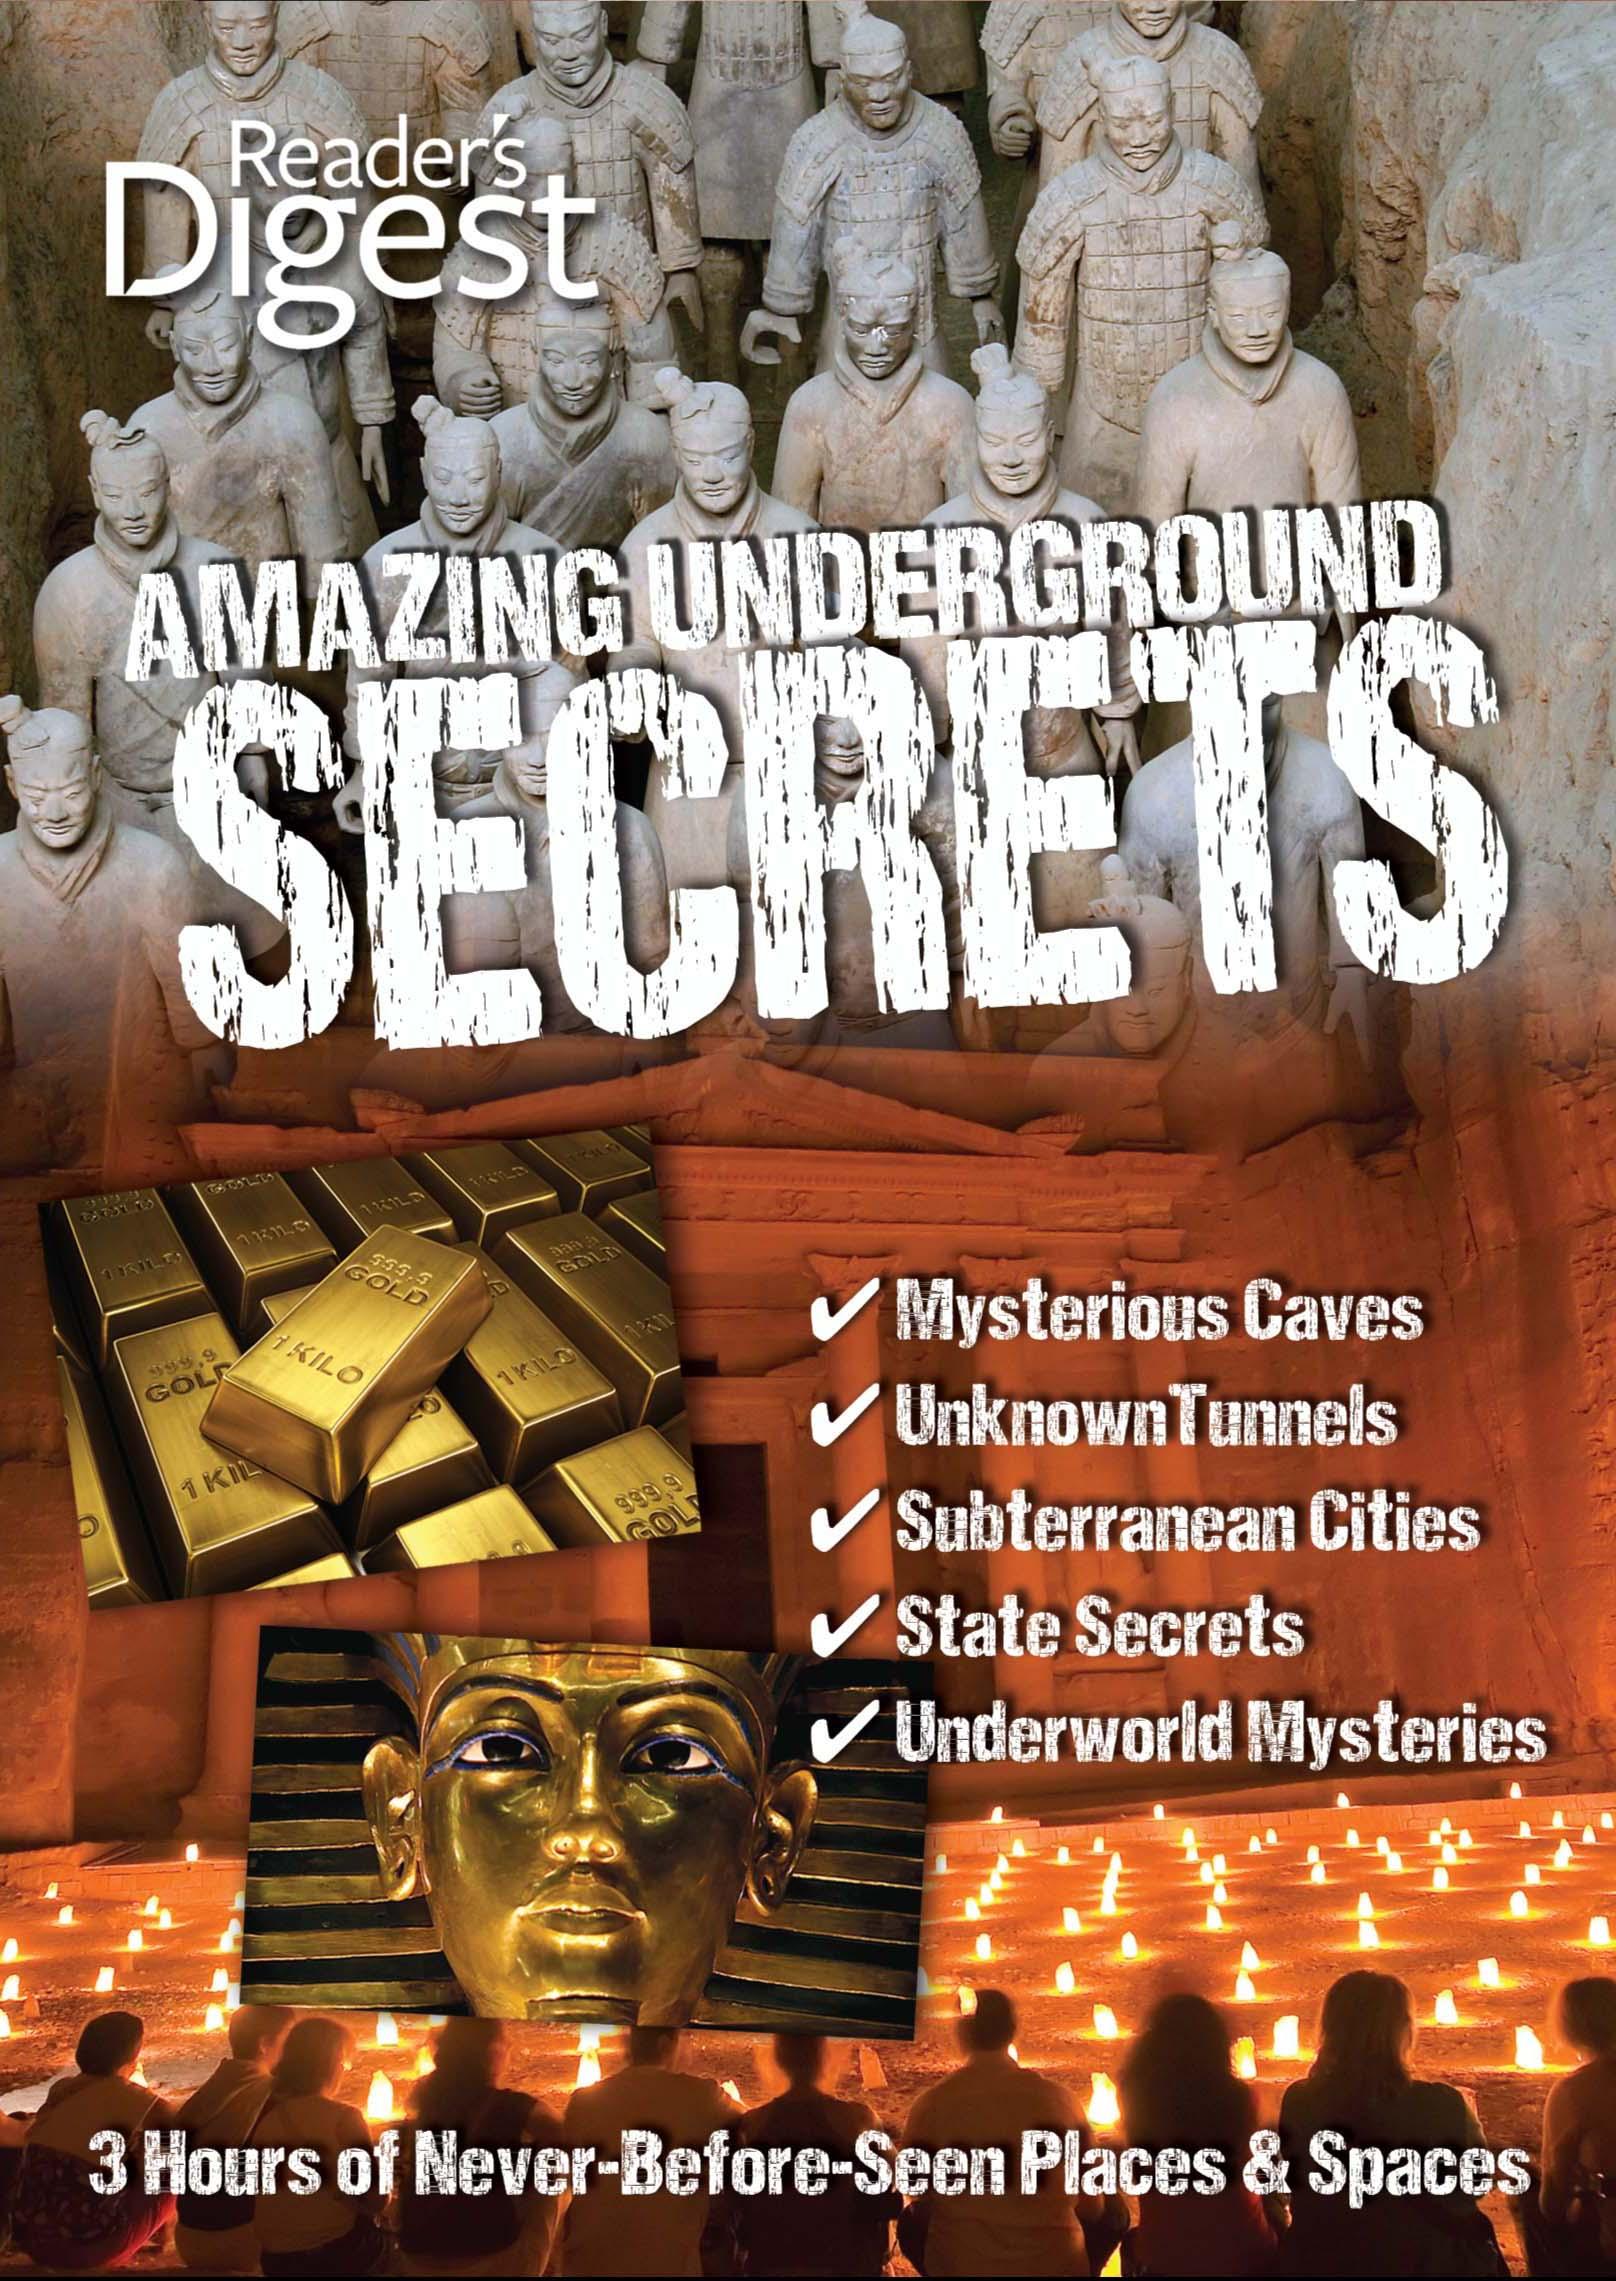 Amazing Underground Secrets